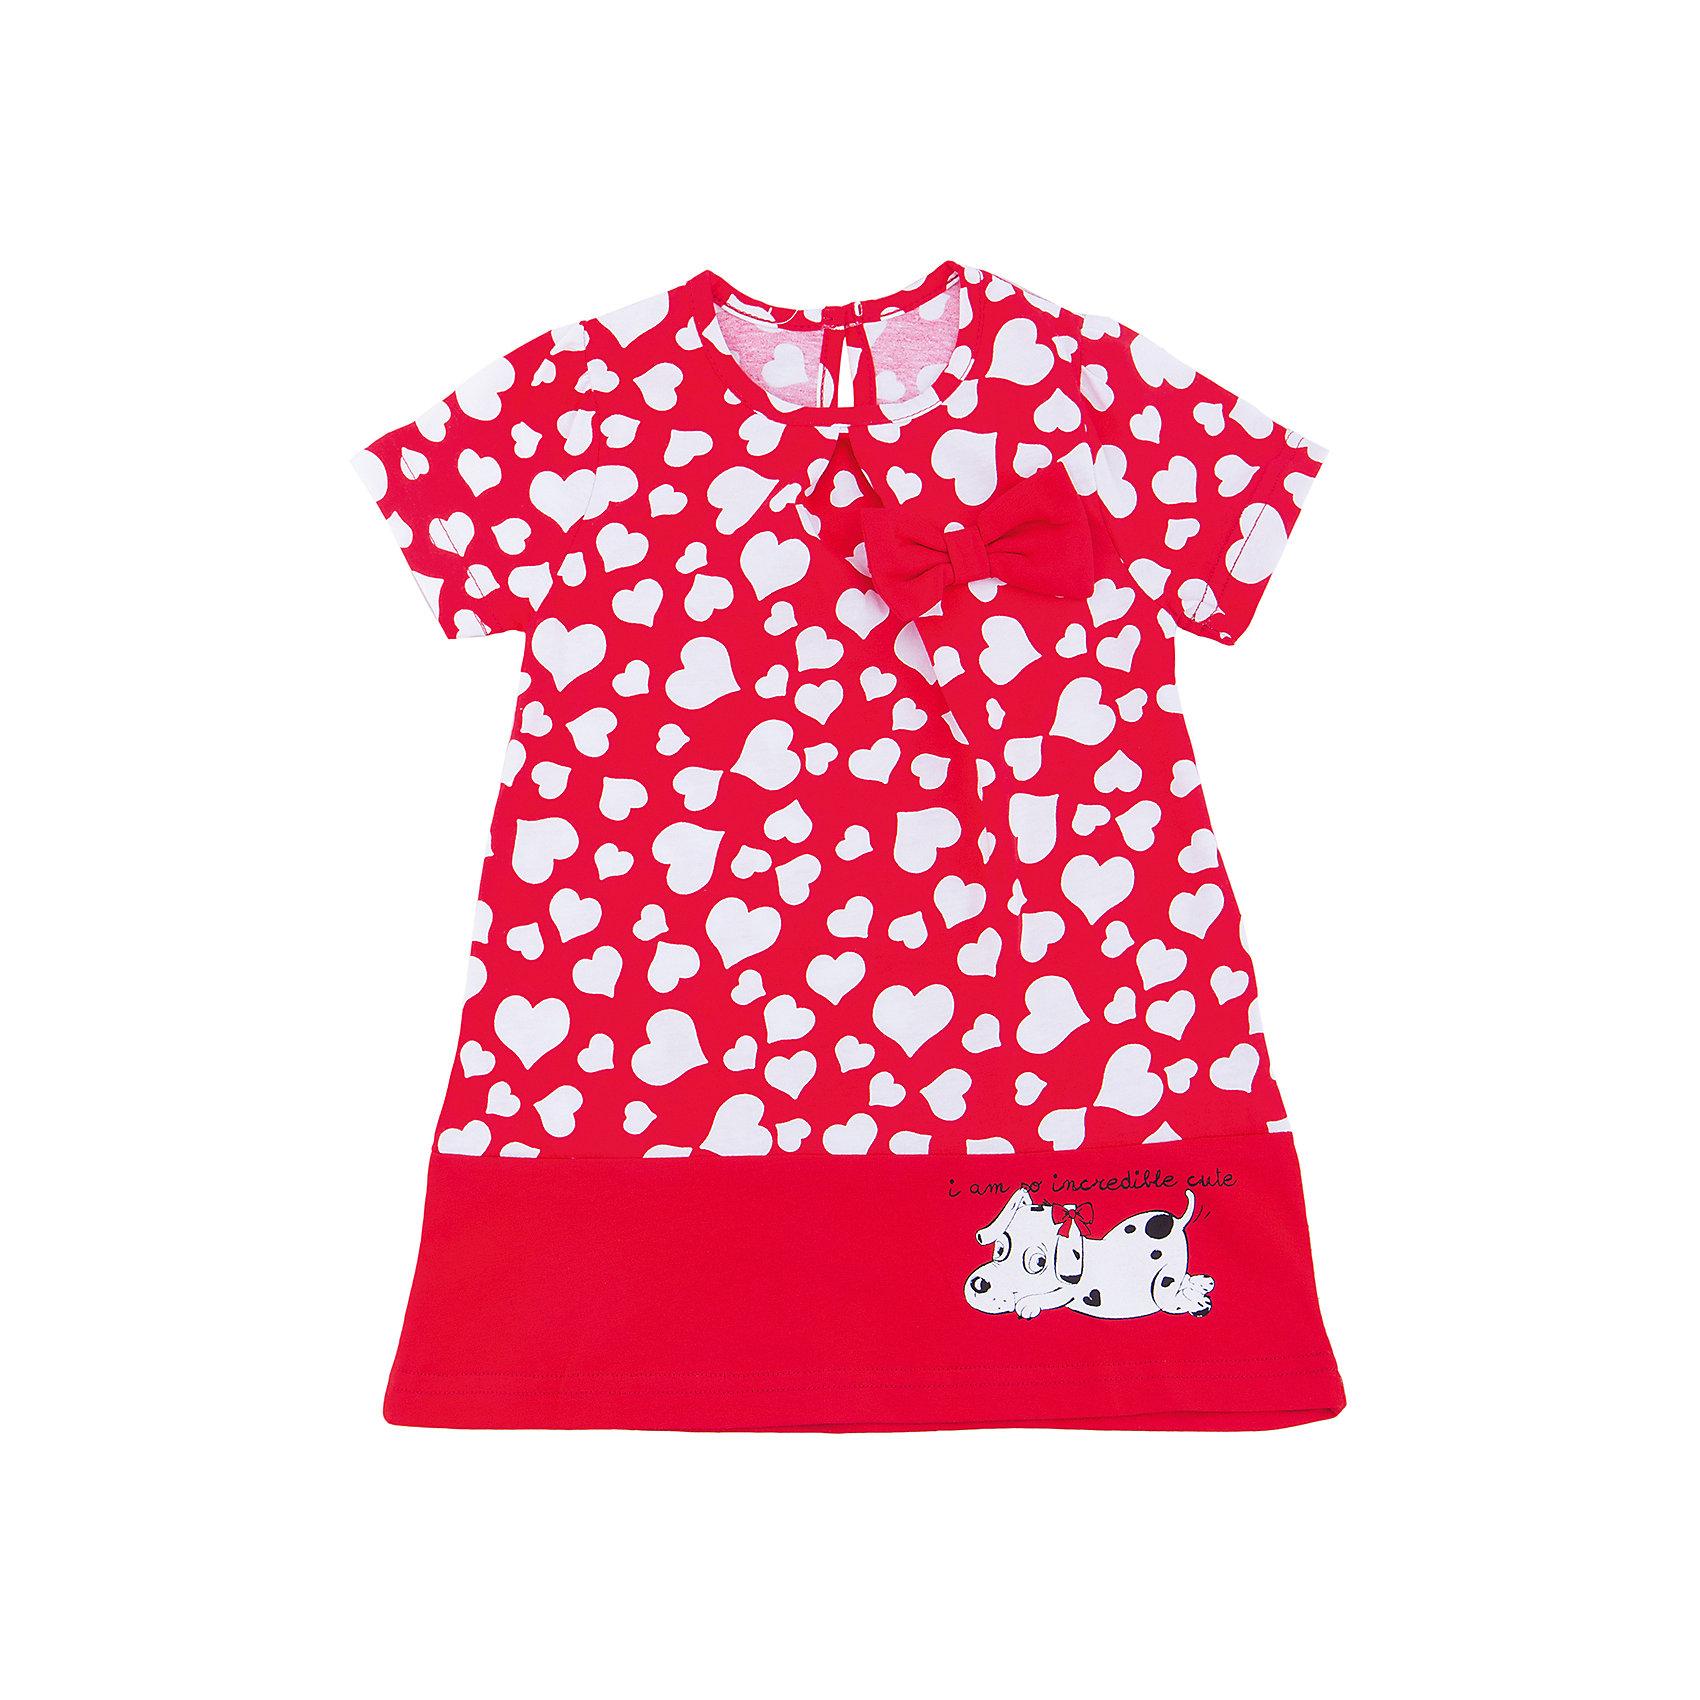 Платье для девочки АпрельПлатья и сарафаны<br>Характеристики товара:<br><br>• цвет: красный<br>• состав: 100% хлопок<br>• свободный силуэт<br>• короткие рукава<br>• декорировано принтом<br>• бант<br>• комфортная посадка<br>• страна производитель: Российская Федерация<br>• страна бренда: Российская Федерация<br><br>Это симпатичное платье - удобная и универсальная вещь, которая поможет разнообразить гардероб ребенка. Она комфортно ощущается на теле, хорошо садится по детской фигуре. Изделие отлично сочетается с различной обувью. Материал состоит из хлопка, который не вызывает аллергии и позволяет коже дышать<br><br>Платье для девочки от известного бренда Апрель можно купить в нашем интернет-магазине.<br><br>Ширина мм: 236<br>Глубина мм: 16<br>Высота мм: 184<br>Вес г: 177<br>Цвет: красный<br>Возраст от месяцев: 60<br>Возраст до месяцев: 72<br>Пол: Женский<br>Возраст: Детский<br>Размер: 116,86,92,98,104,110<br>SKU: 5438687